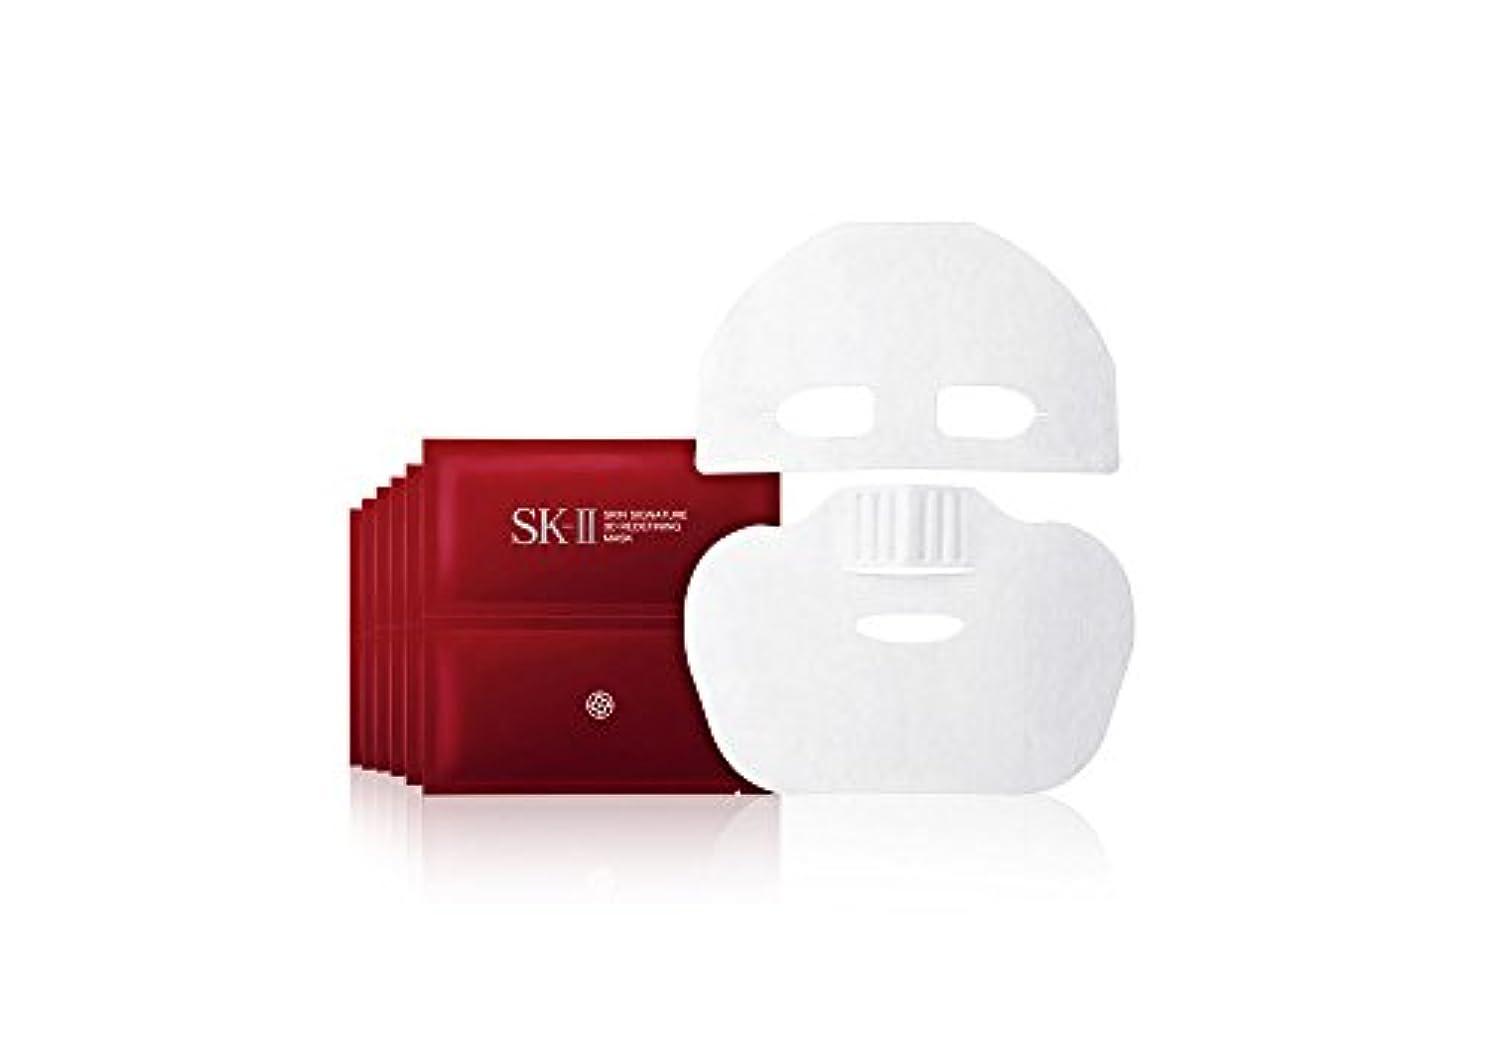 地区ブレス標準SK-II スキンシグネチャー 3Dリディファイニングマスク (上用マスク+下用マスク)×6袋 【外箱なし】